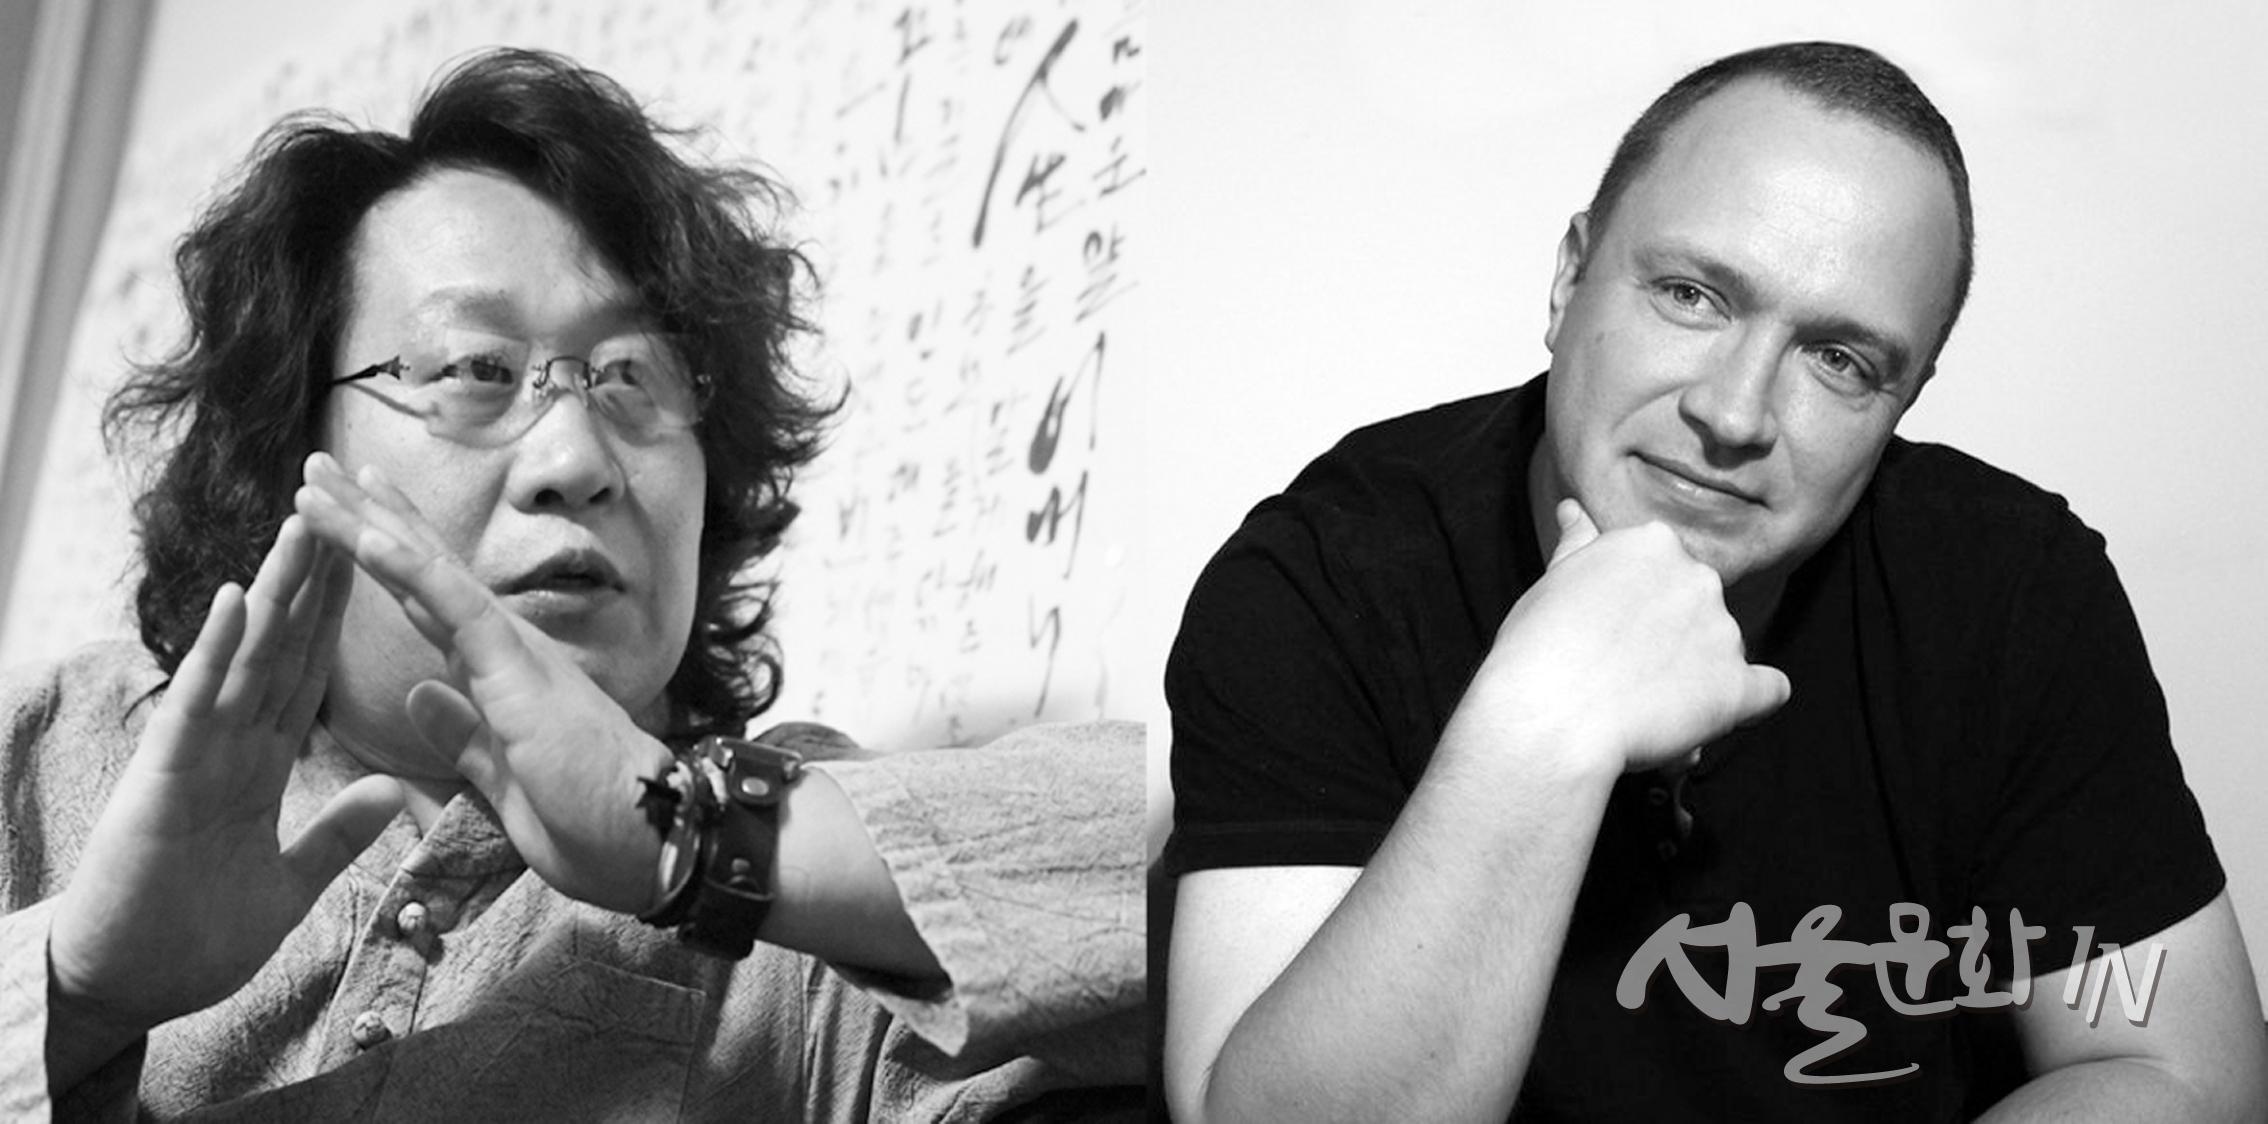 동서양을 대표하는 2명의 캘리그래피, 하나 된 '글씨 그림'으로 만나다